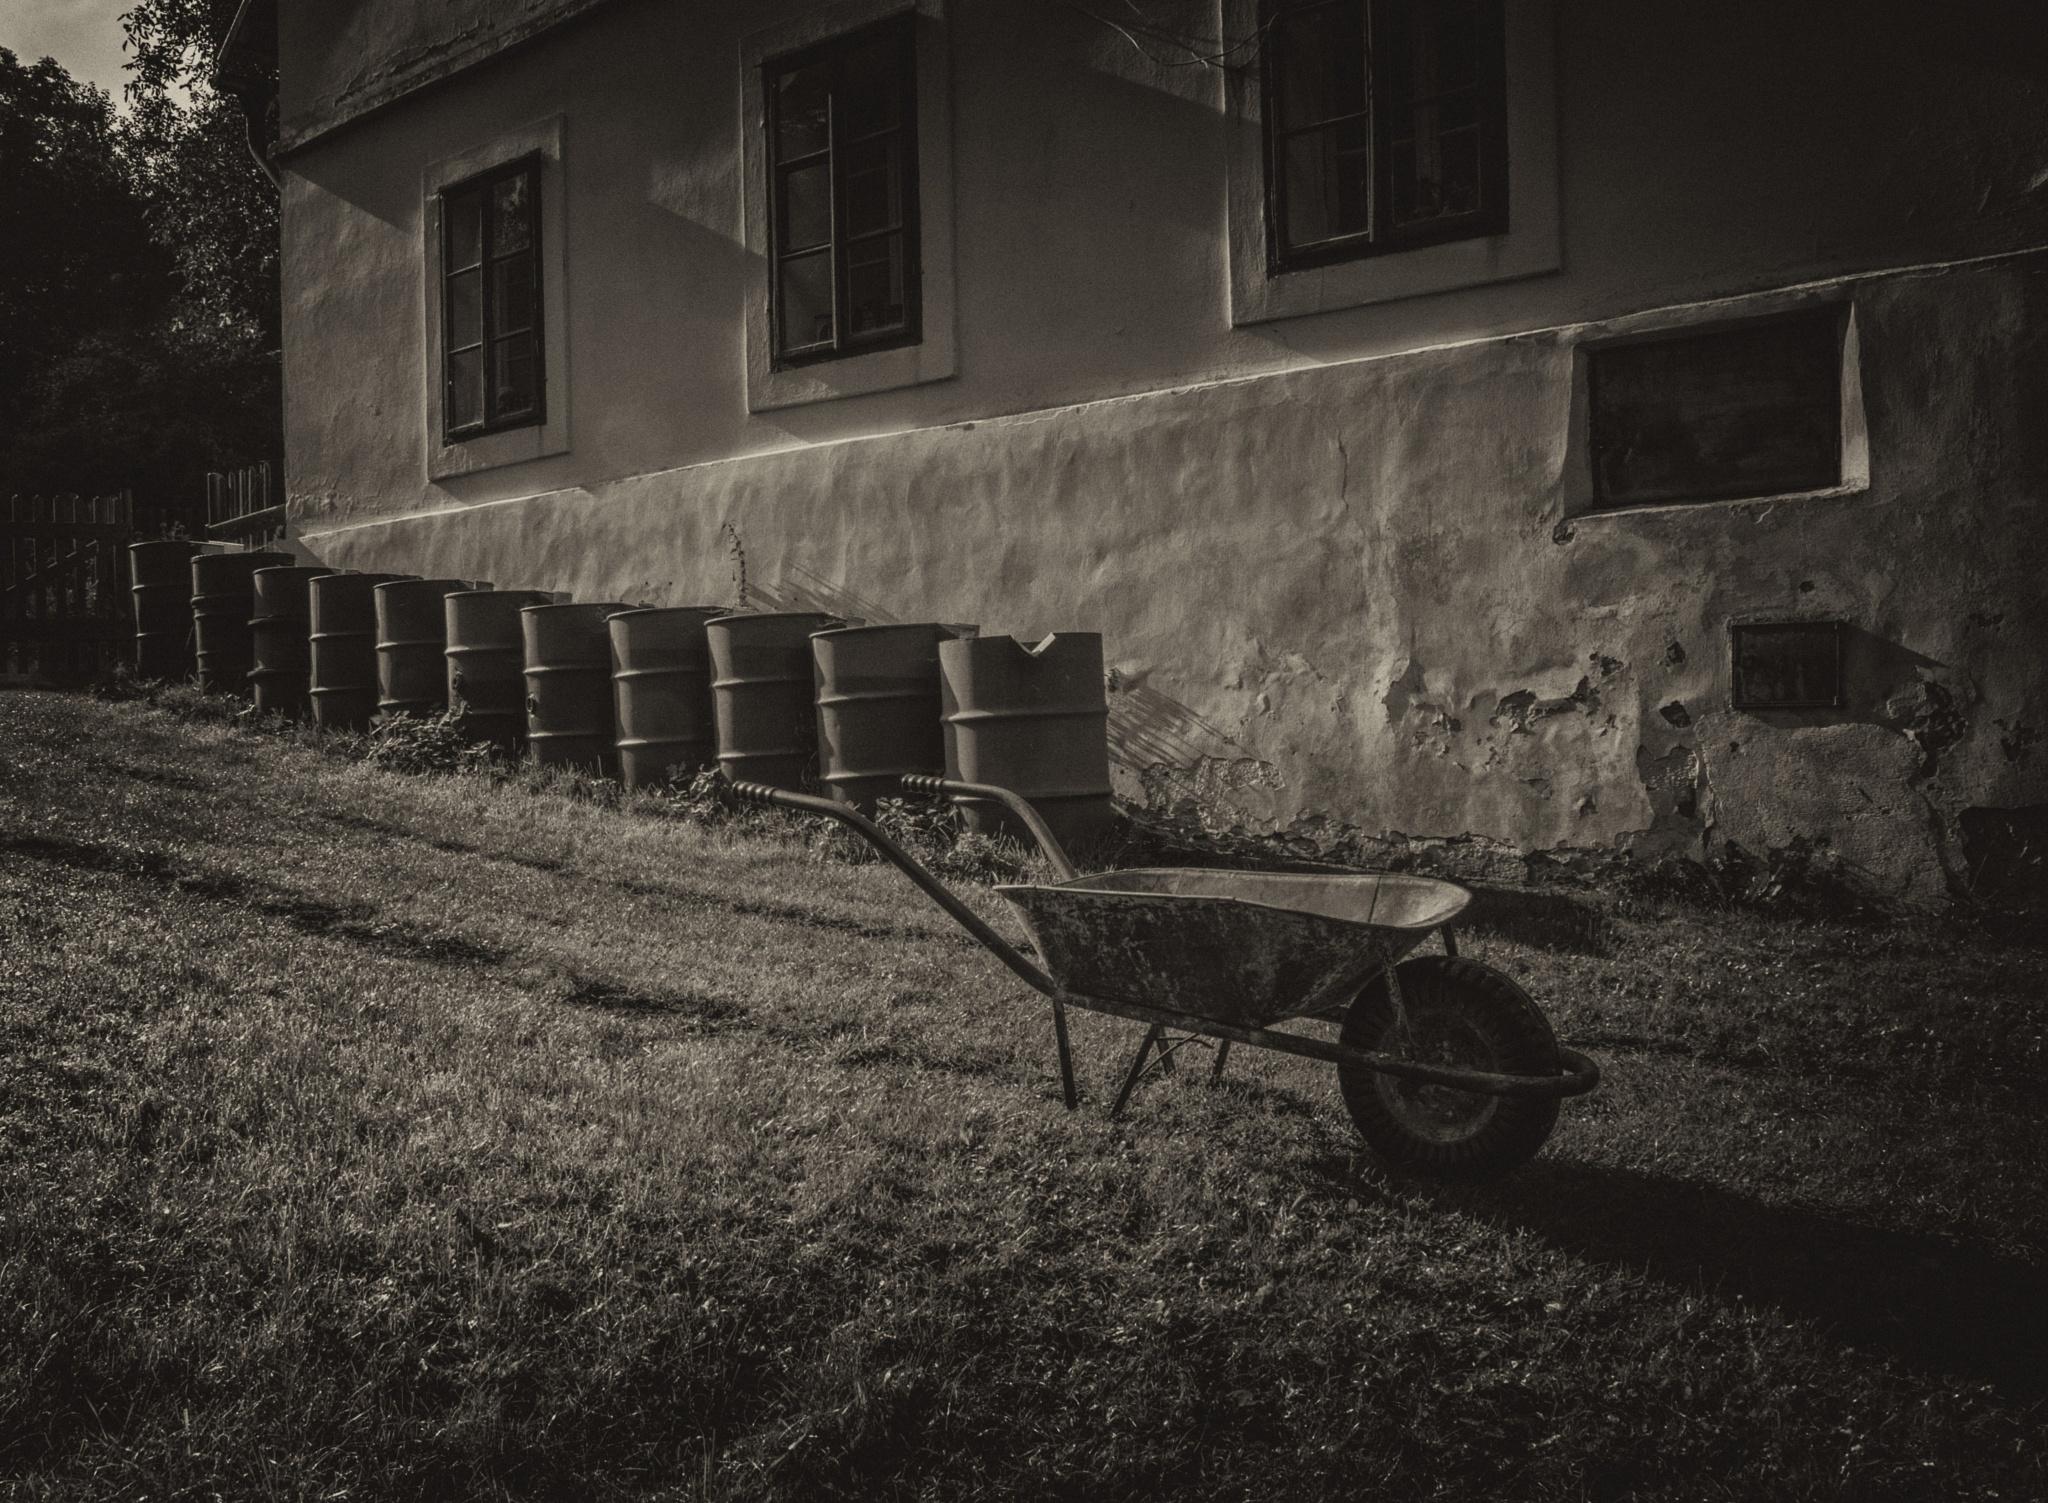 Water storrage with wheelbarrow by Klaus von Jansdorf